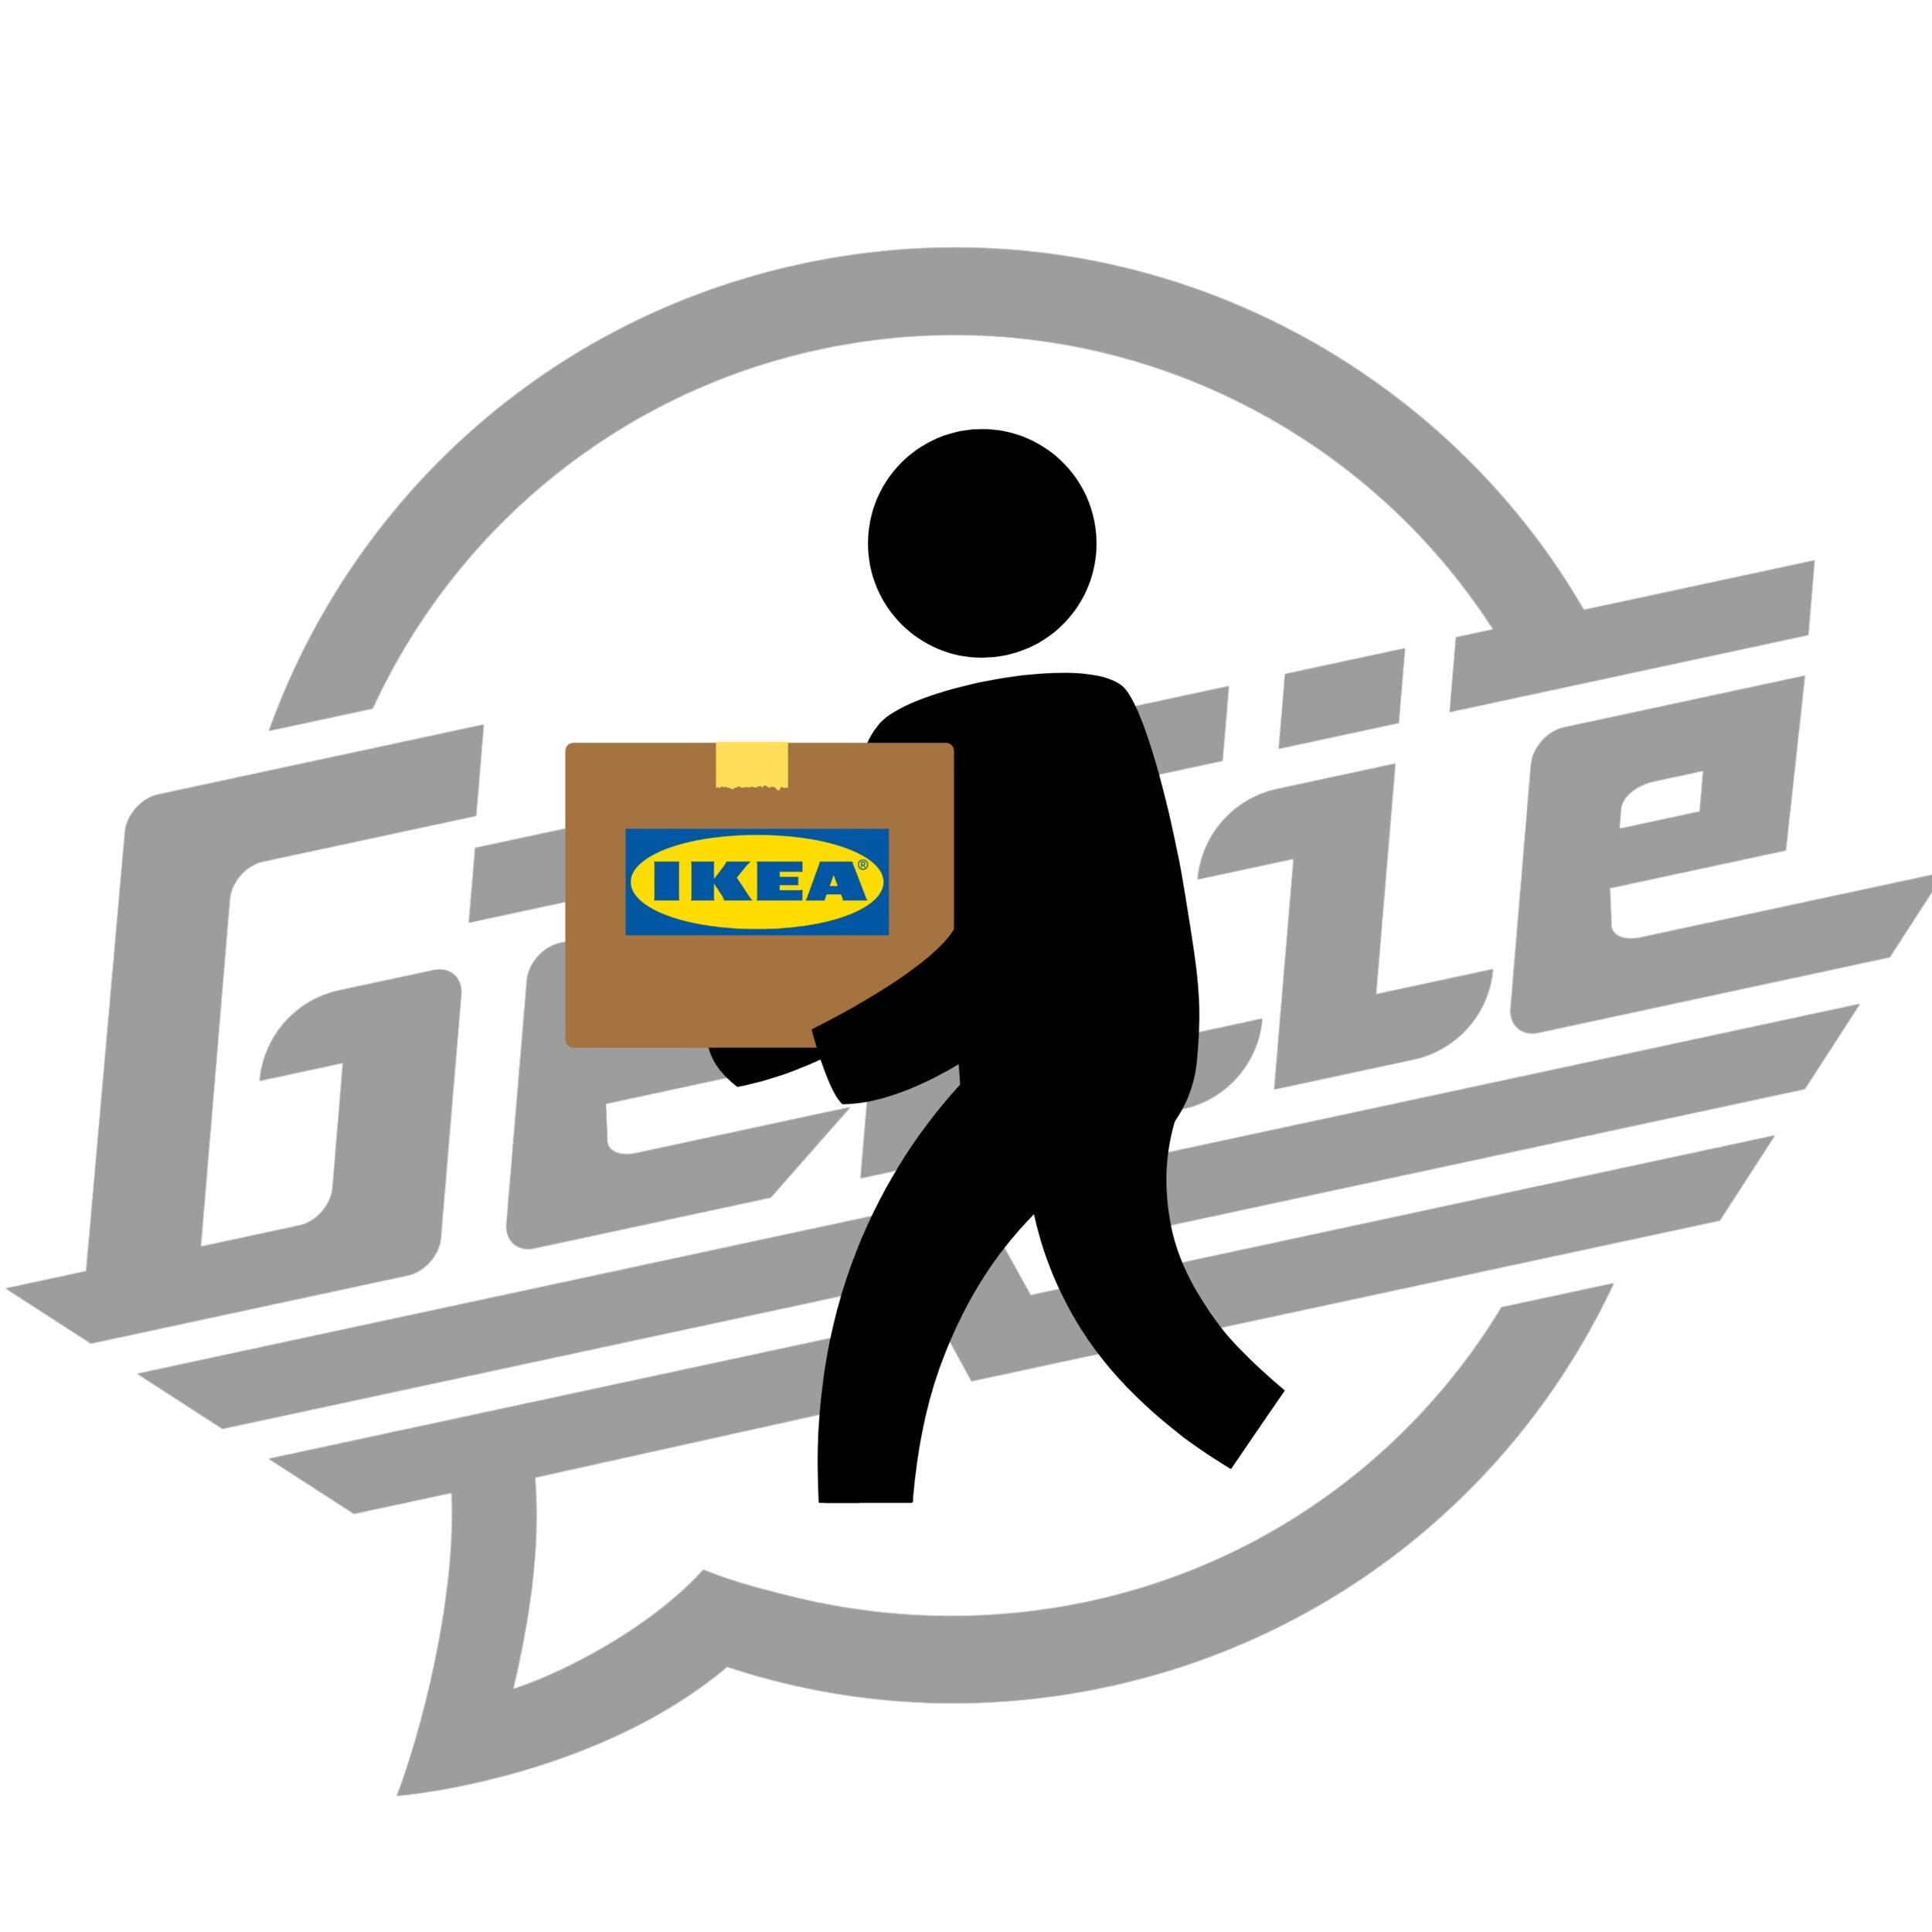 logo+camion+genie++%281%29.jpg